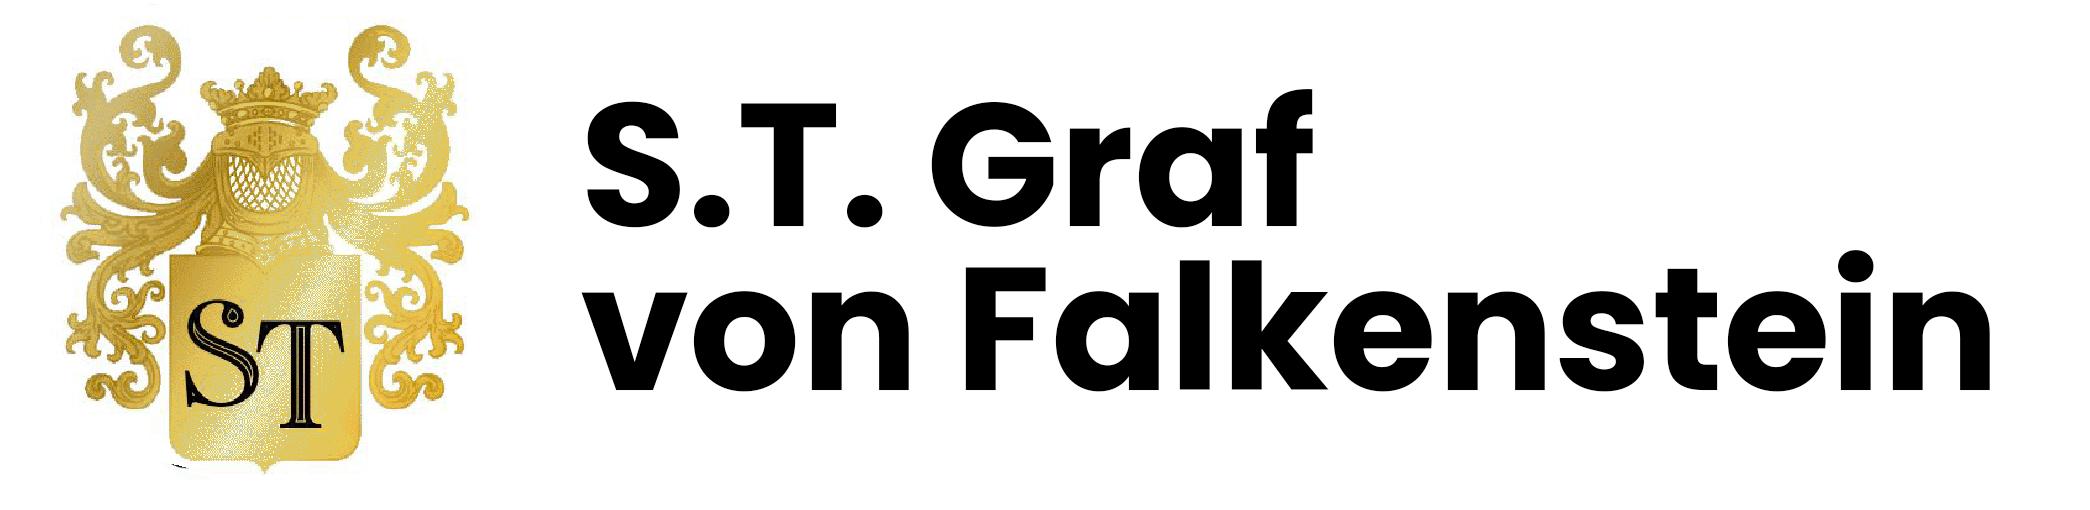 S.T. Graf von Falkenstein